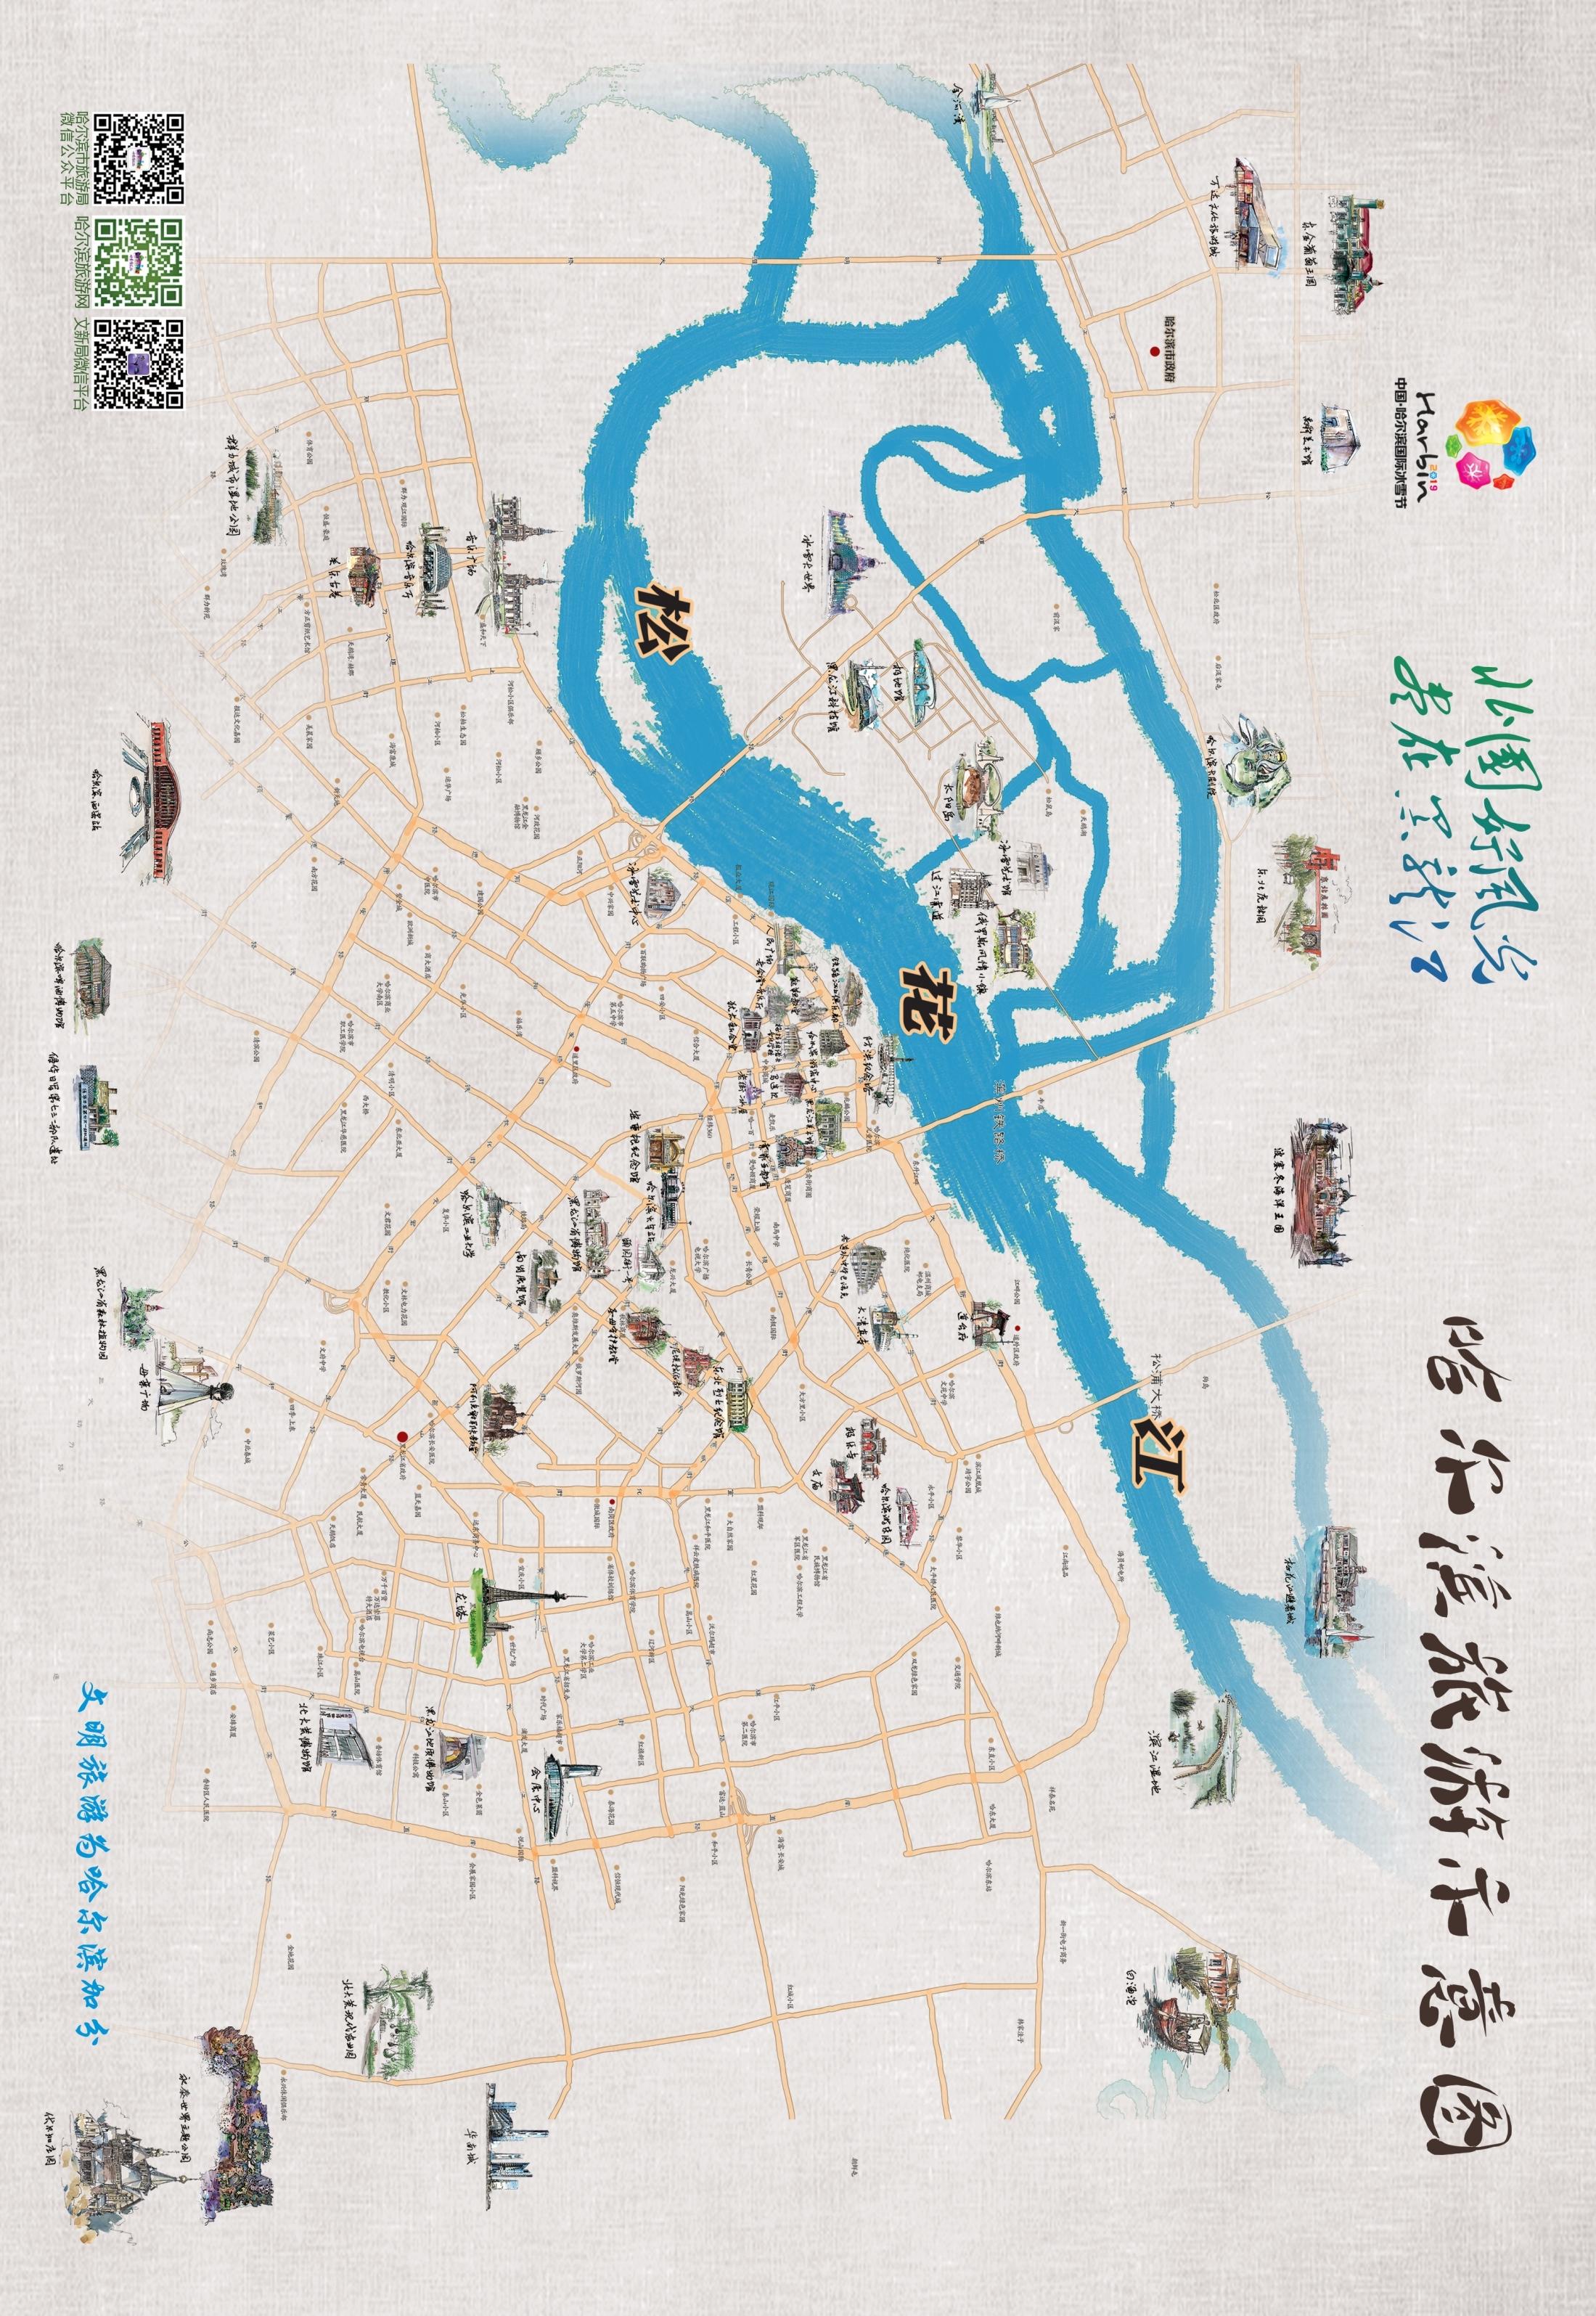 哈尔滨市内旅游地图(高清版)